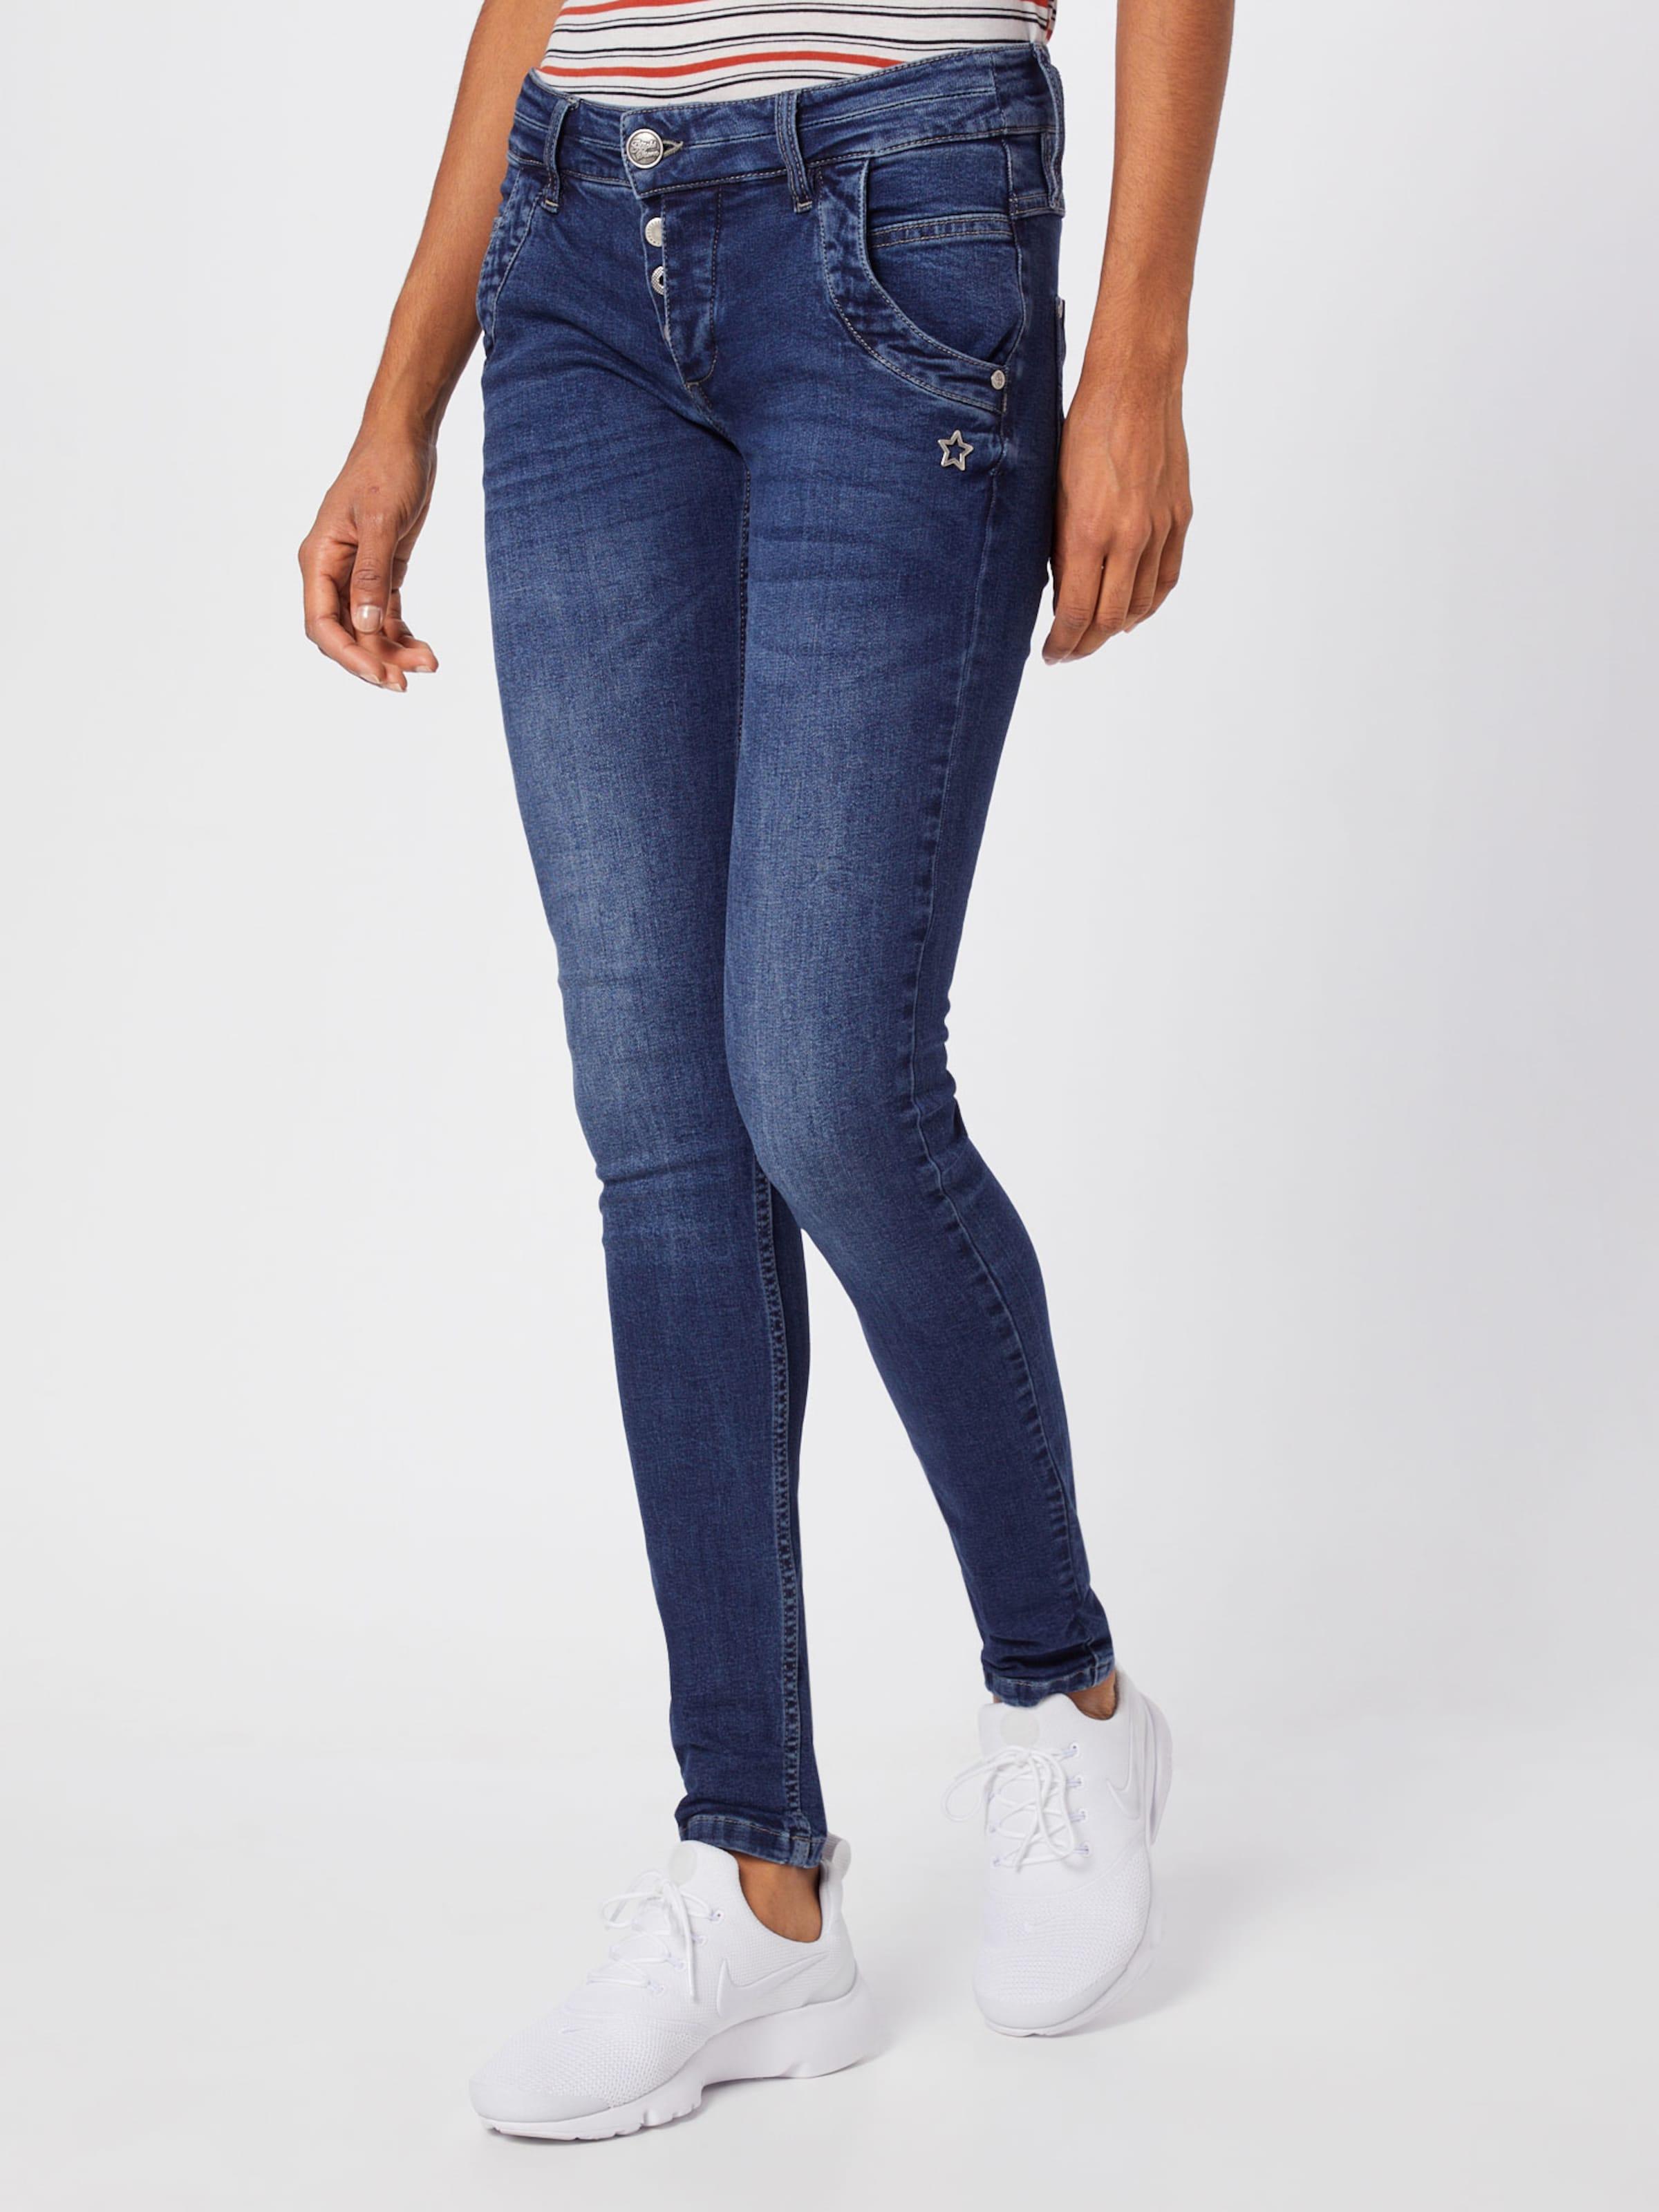 In Denim Glücksstern Blue 'petra' Jeans NO8yvwmn0